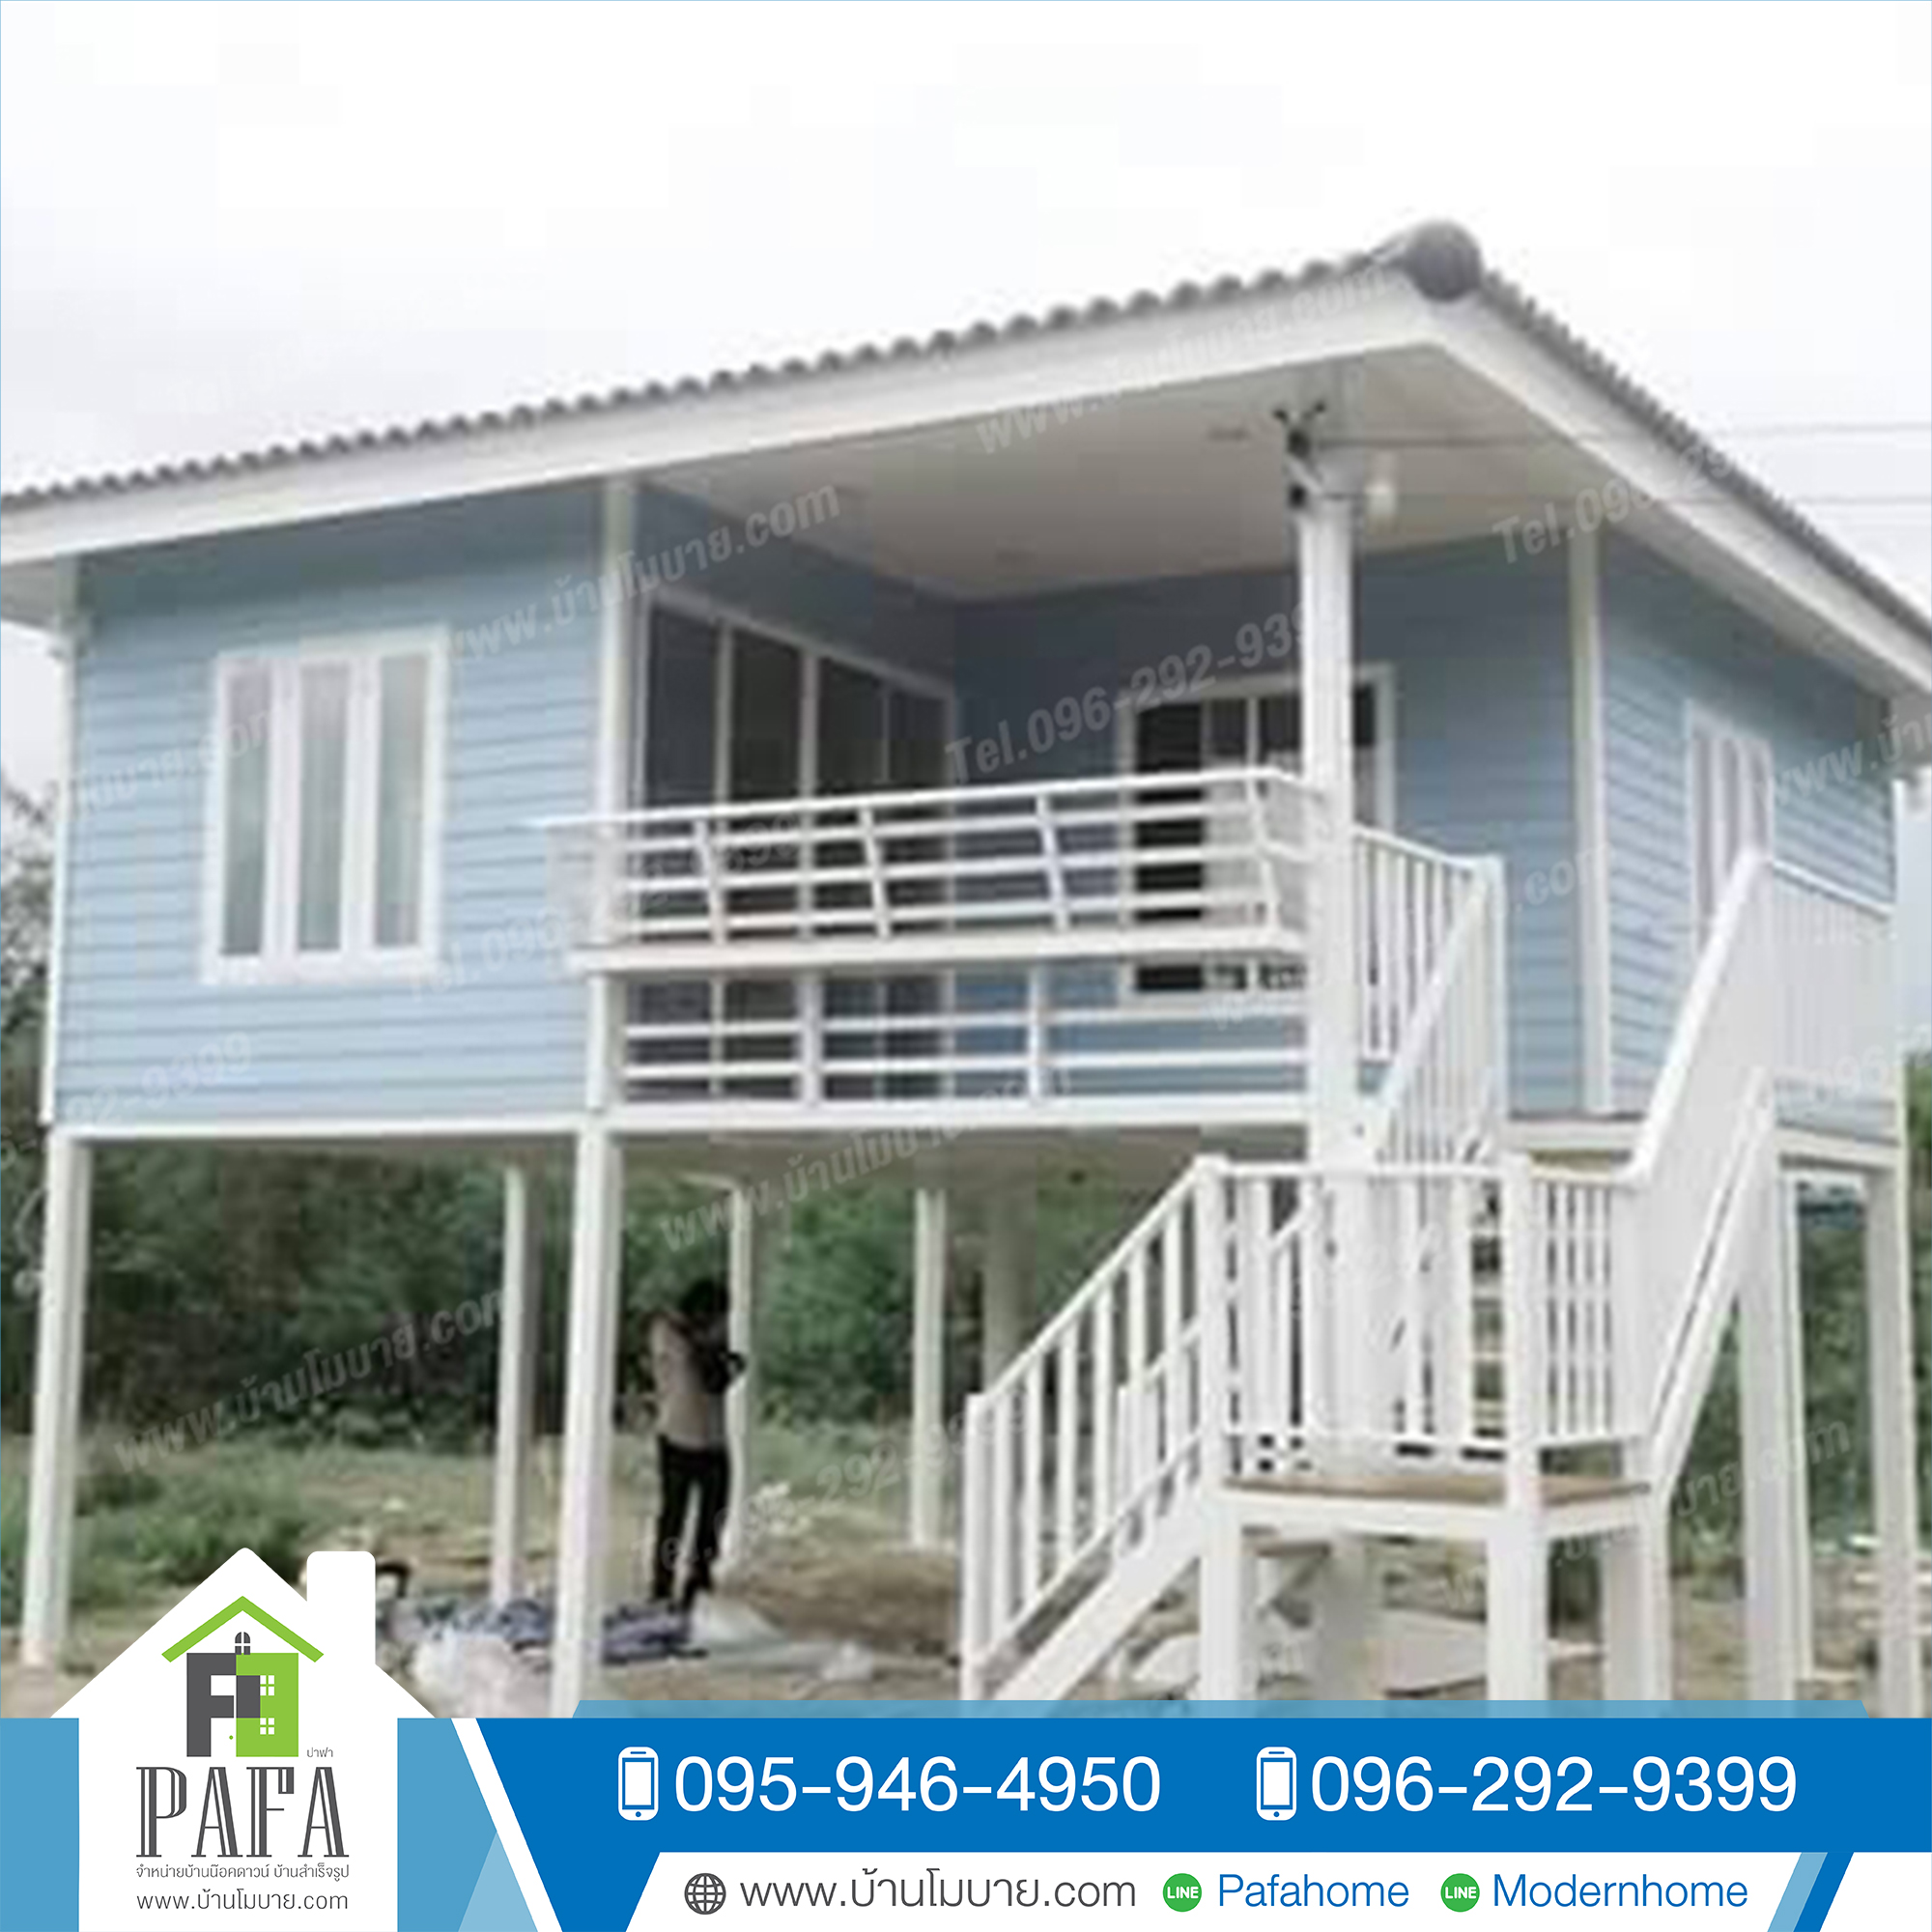 บ้านขนาด 6*7 เมตร พร้อมระเบียง 3*2.5 เมตร 1ห้องนอน 2ห้องโถง 1ห้องน้ำ ราคา 475,000 บาท